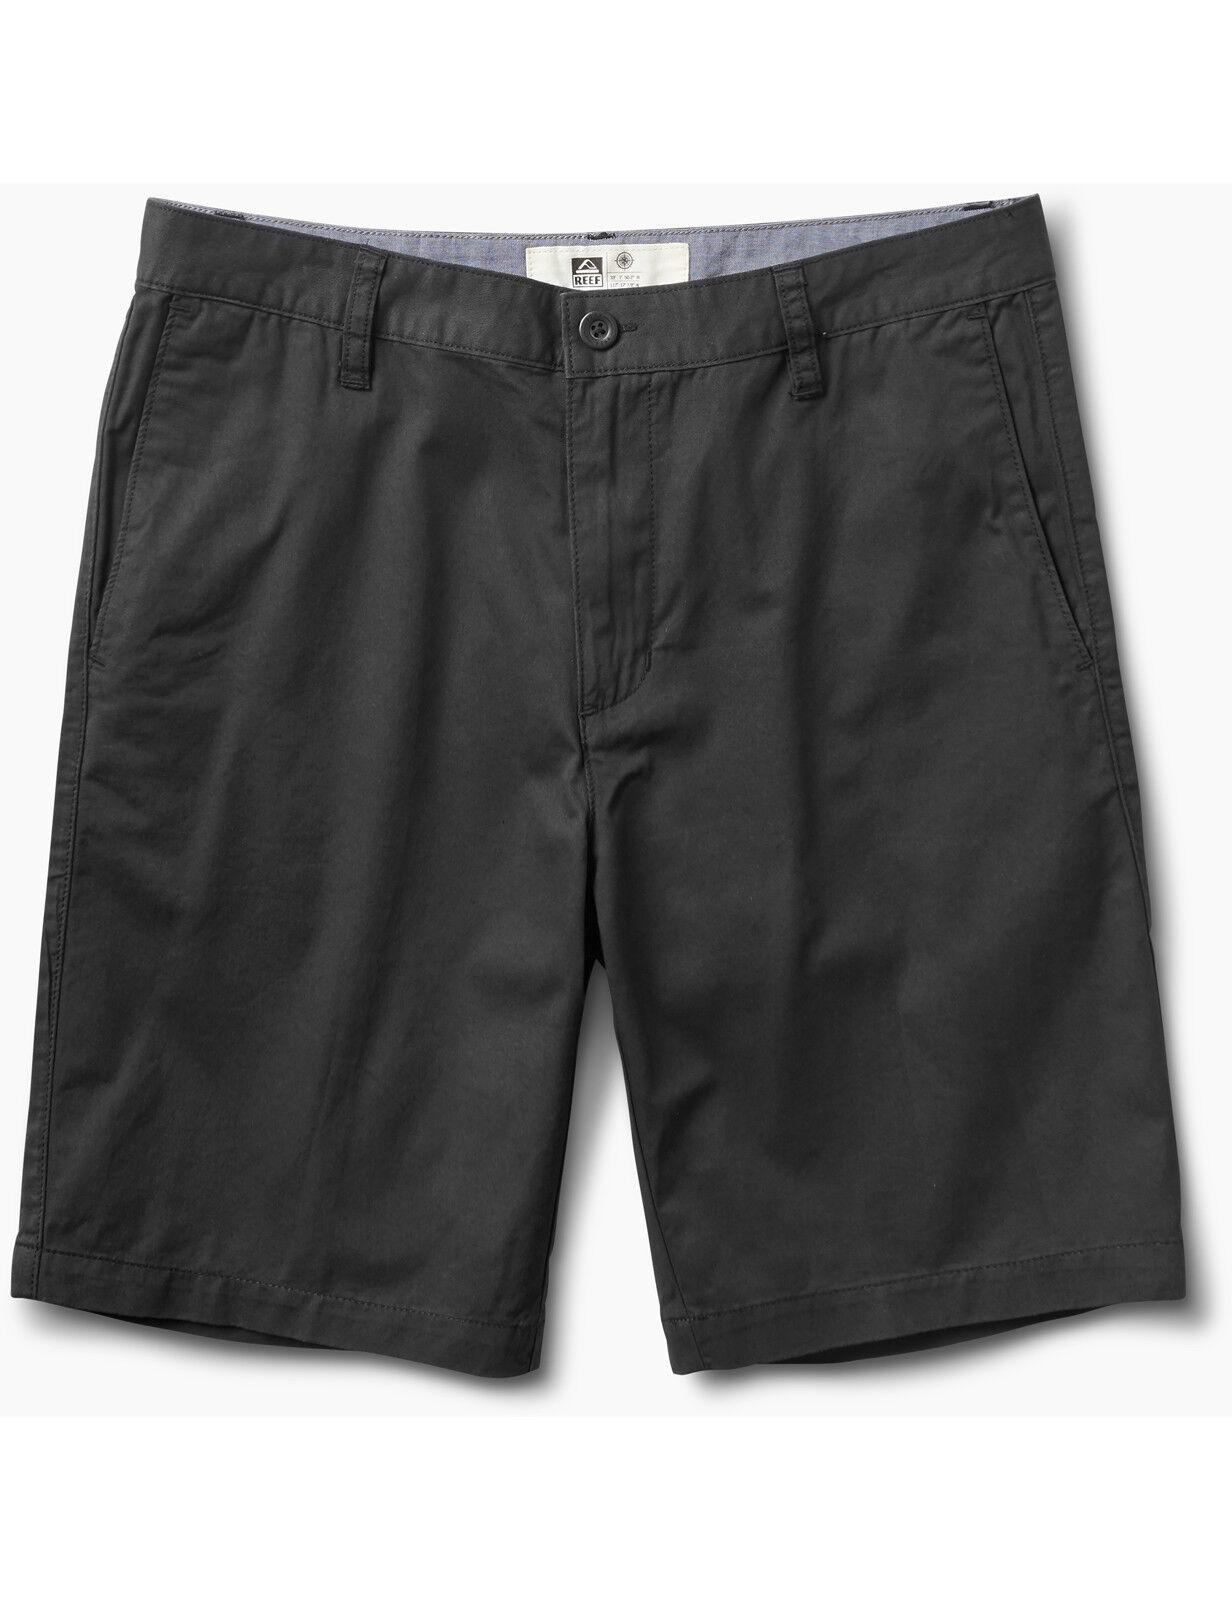 Reef passando 4 Pantaloncini In In In Nero 326805